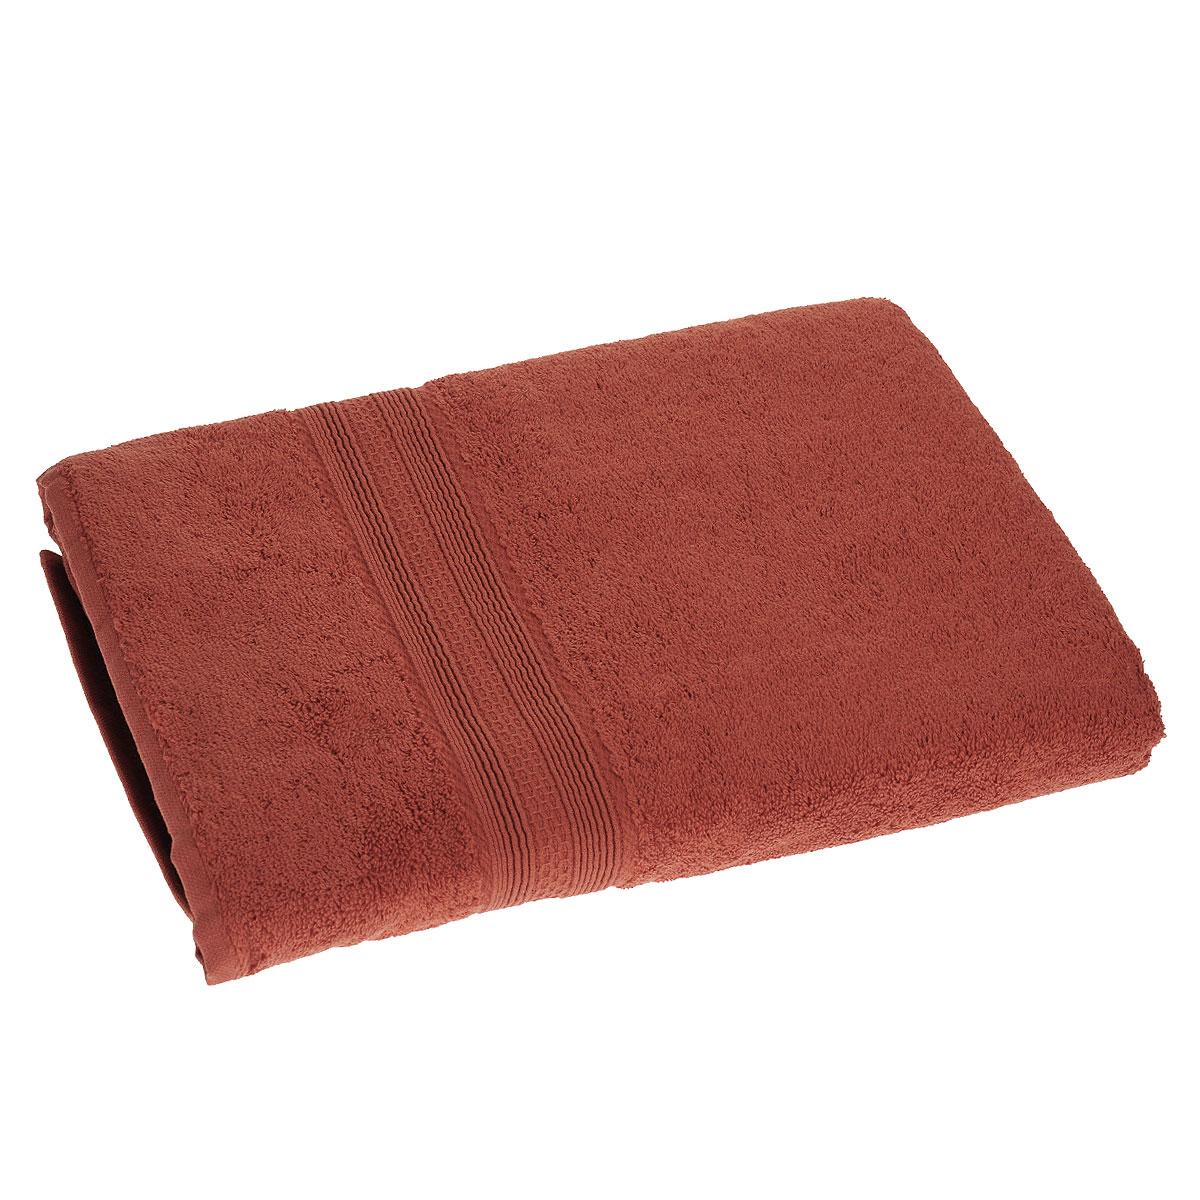 Полотенце махровое TAC Touchsoft, цвет: терракотовый, 70 х 140 см0912-84081Полотенце TAC Touchsoft выполнено из натуральной махровой ткани (100% хлопок). Изделие отлично впитывает влагу, быстро сохнет, сохраняет яркость цвета и не теряет форму даже после многократных стирок. Полотенце очень практично и неприхотливо в уходе. Оно создаст прекрасное настроение и украсит интерьер в ванной комнате.